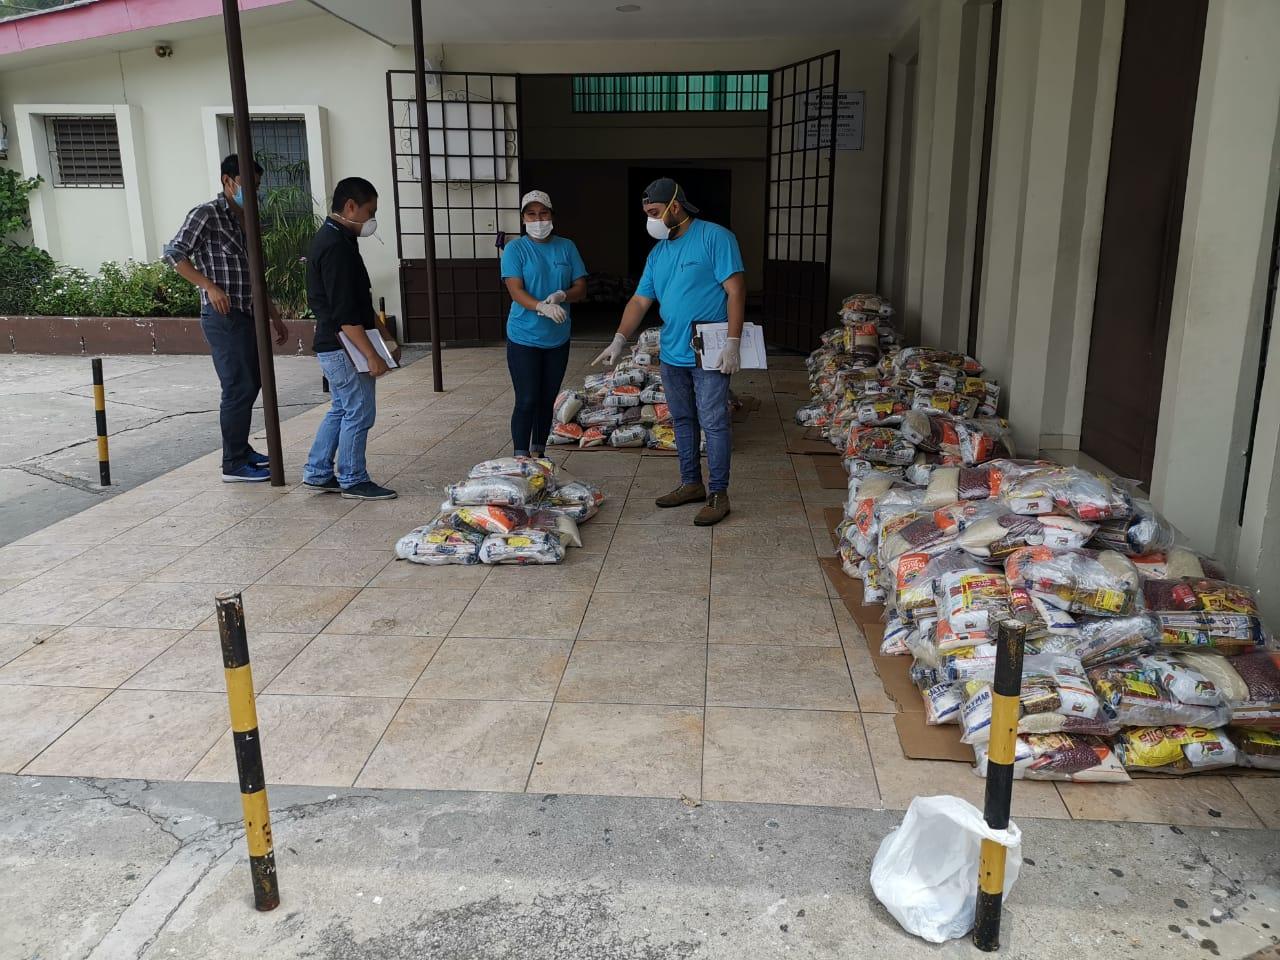 Iglesia El Salvador pandemia cercana a vulnerables